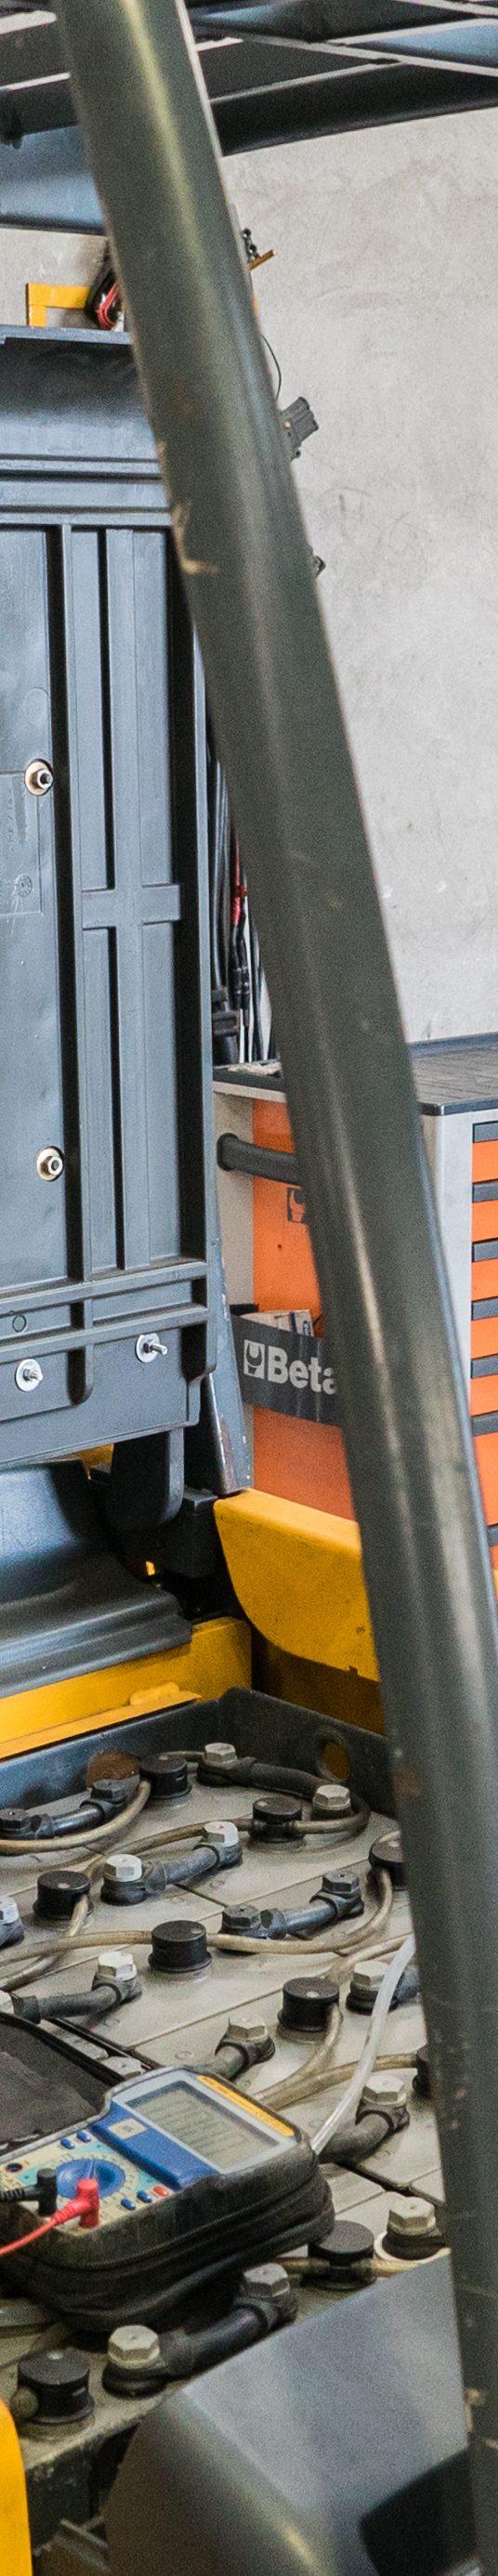 Carrello elevatore elettrico usato: 9 trattamenti per rigenerarlo